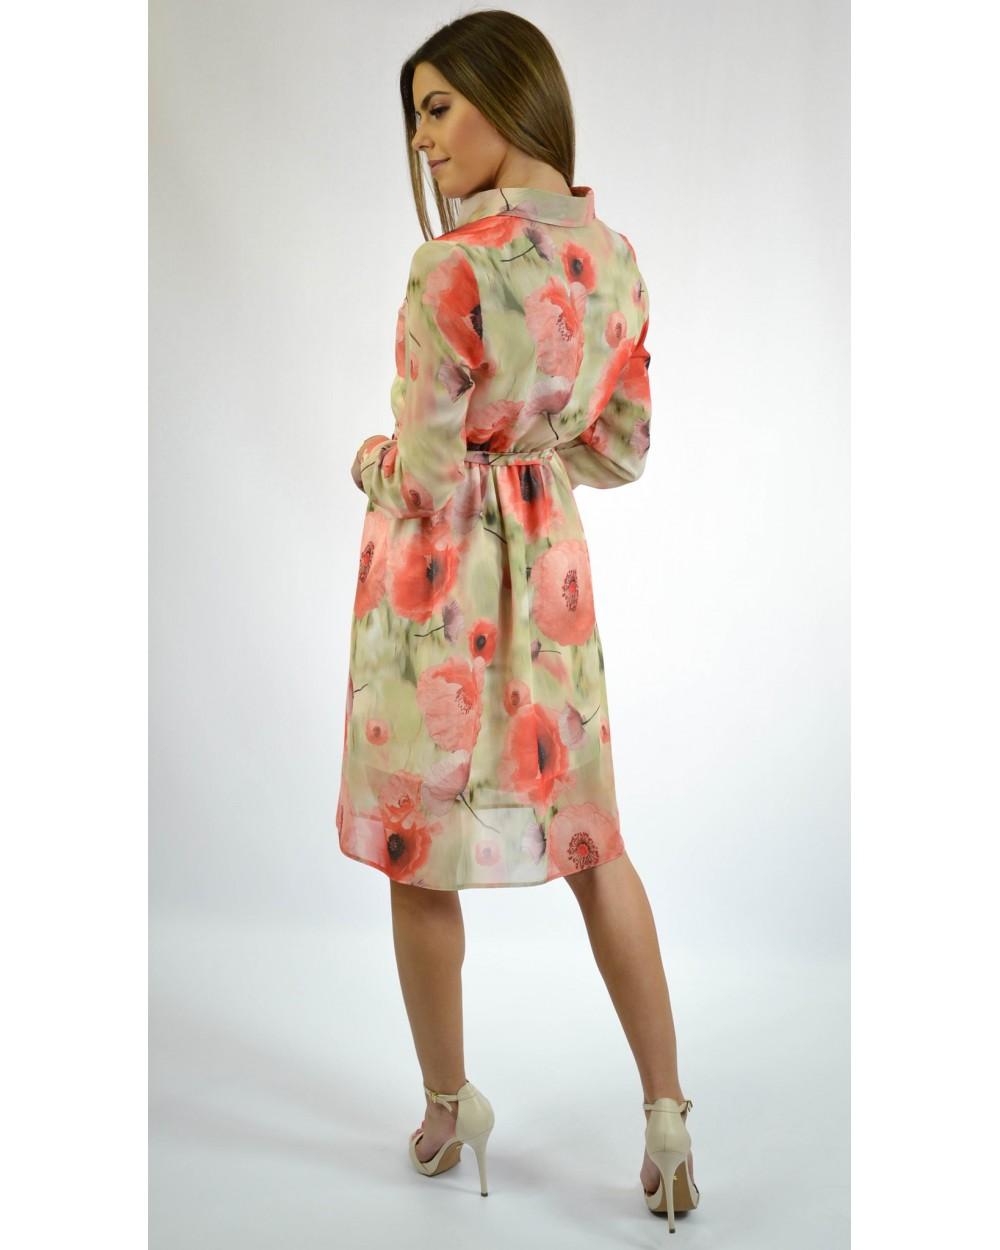 739a0052a0 Sukienka damska w kwiaty z długim rękawem pomarańczowa sklep online